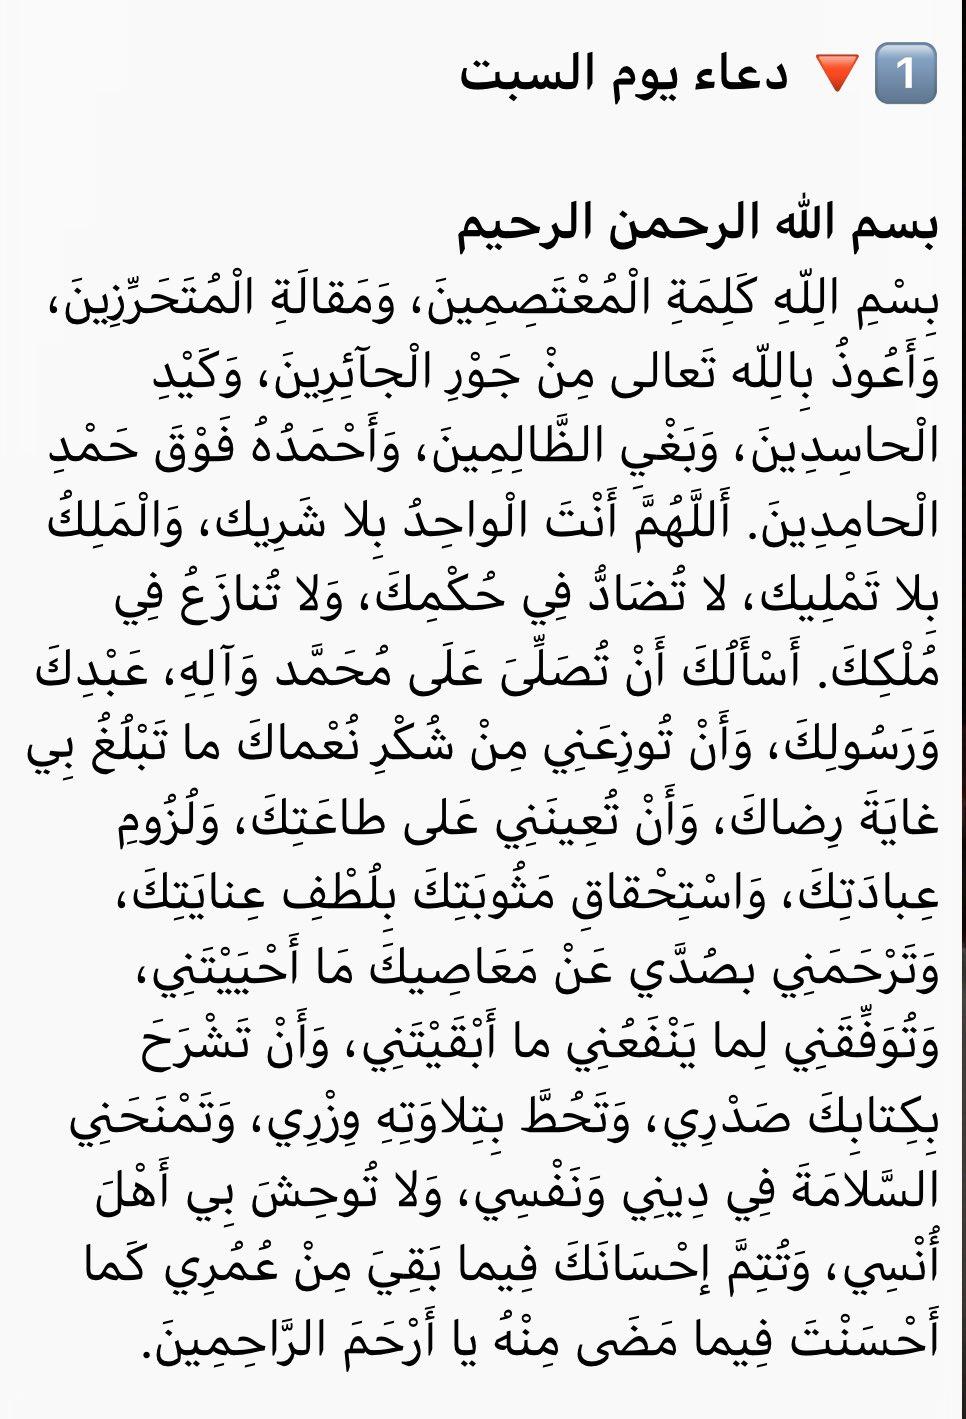 أشواق العنزي On Twitter د عاء وتسبيح وتعويذة يوم السبت أشواق تغرد